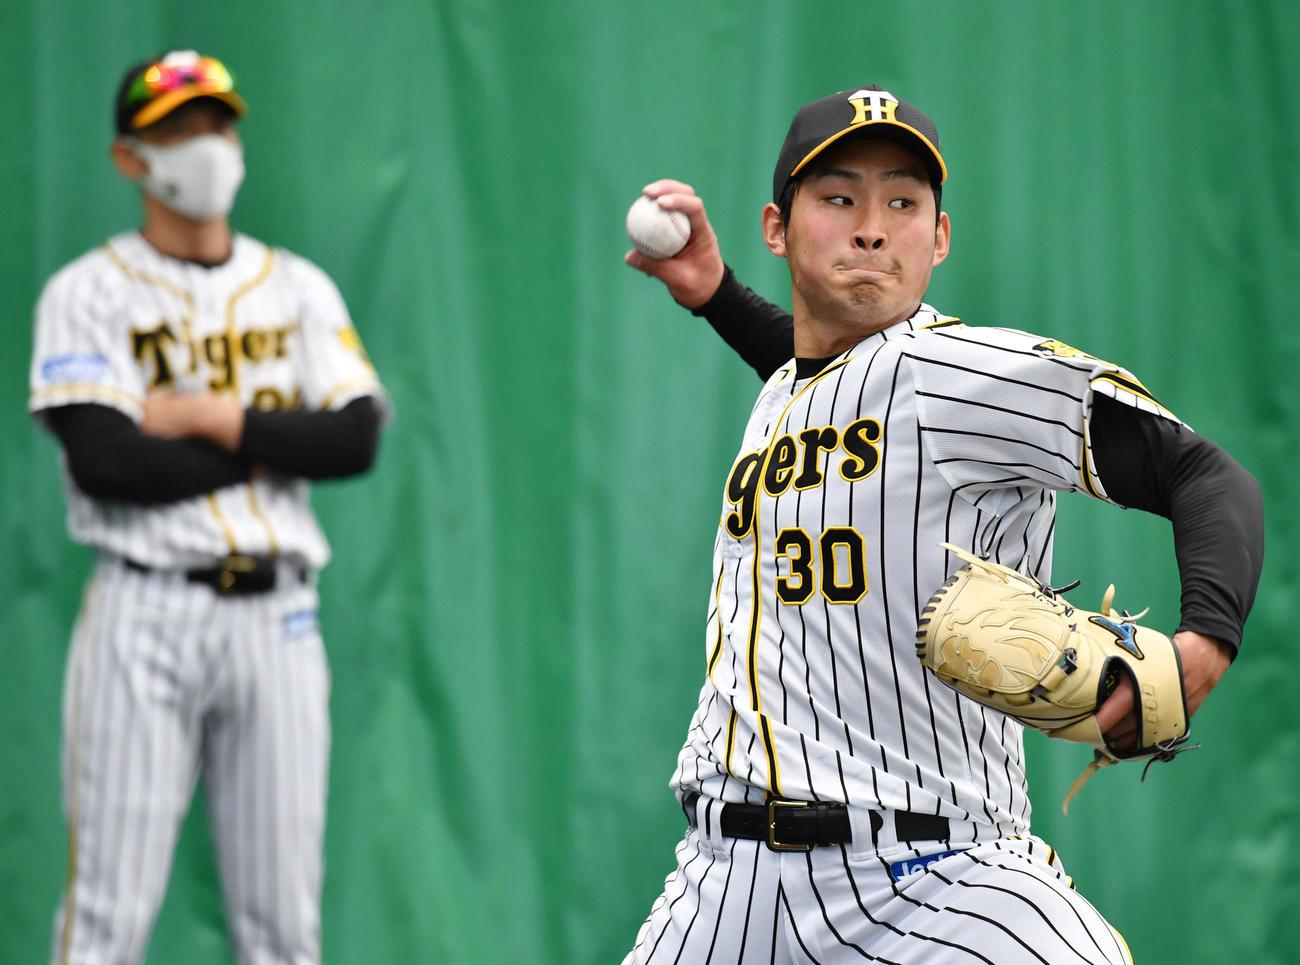 ブルペンで投球する阪神佐藤蓮。左は見つめる矢野監督(代表撮影)